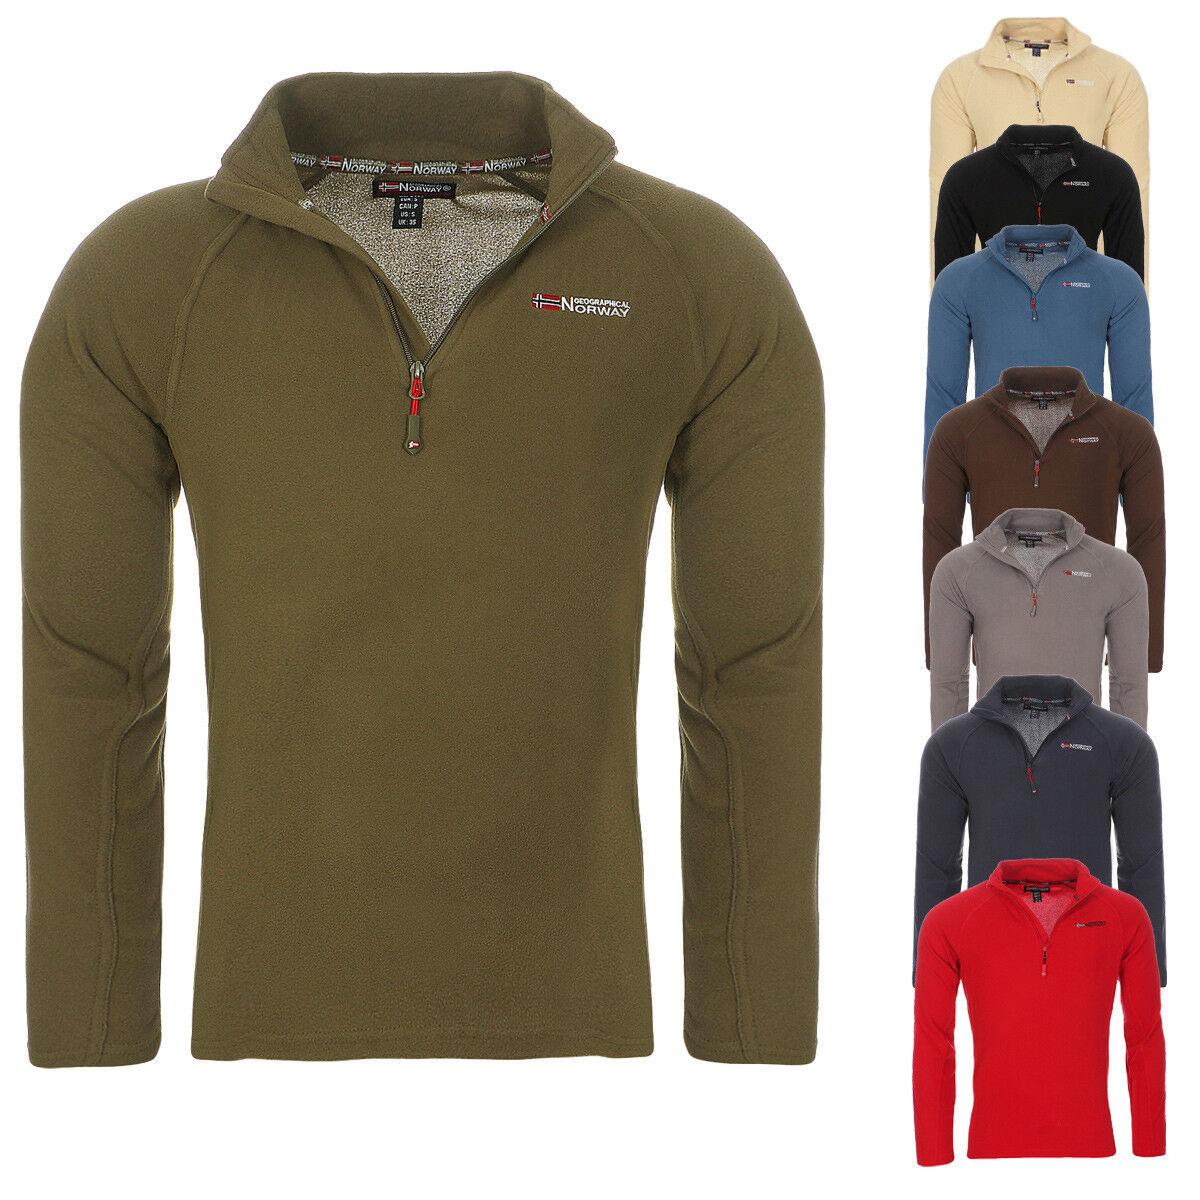 Geographical Norway Herren Micro Fleece Pullover Sweatshirt Fleecepullover NEU